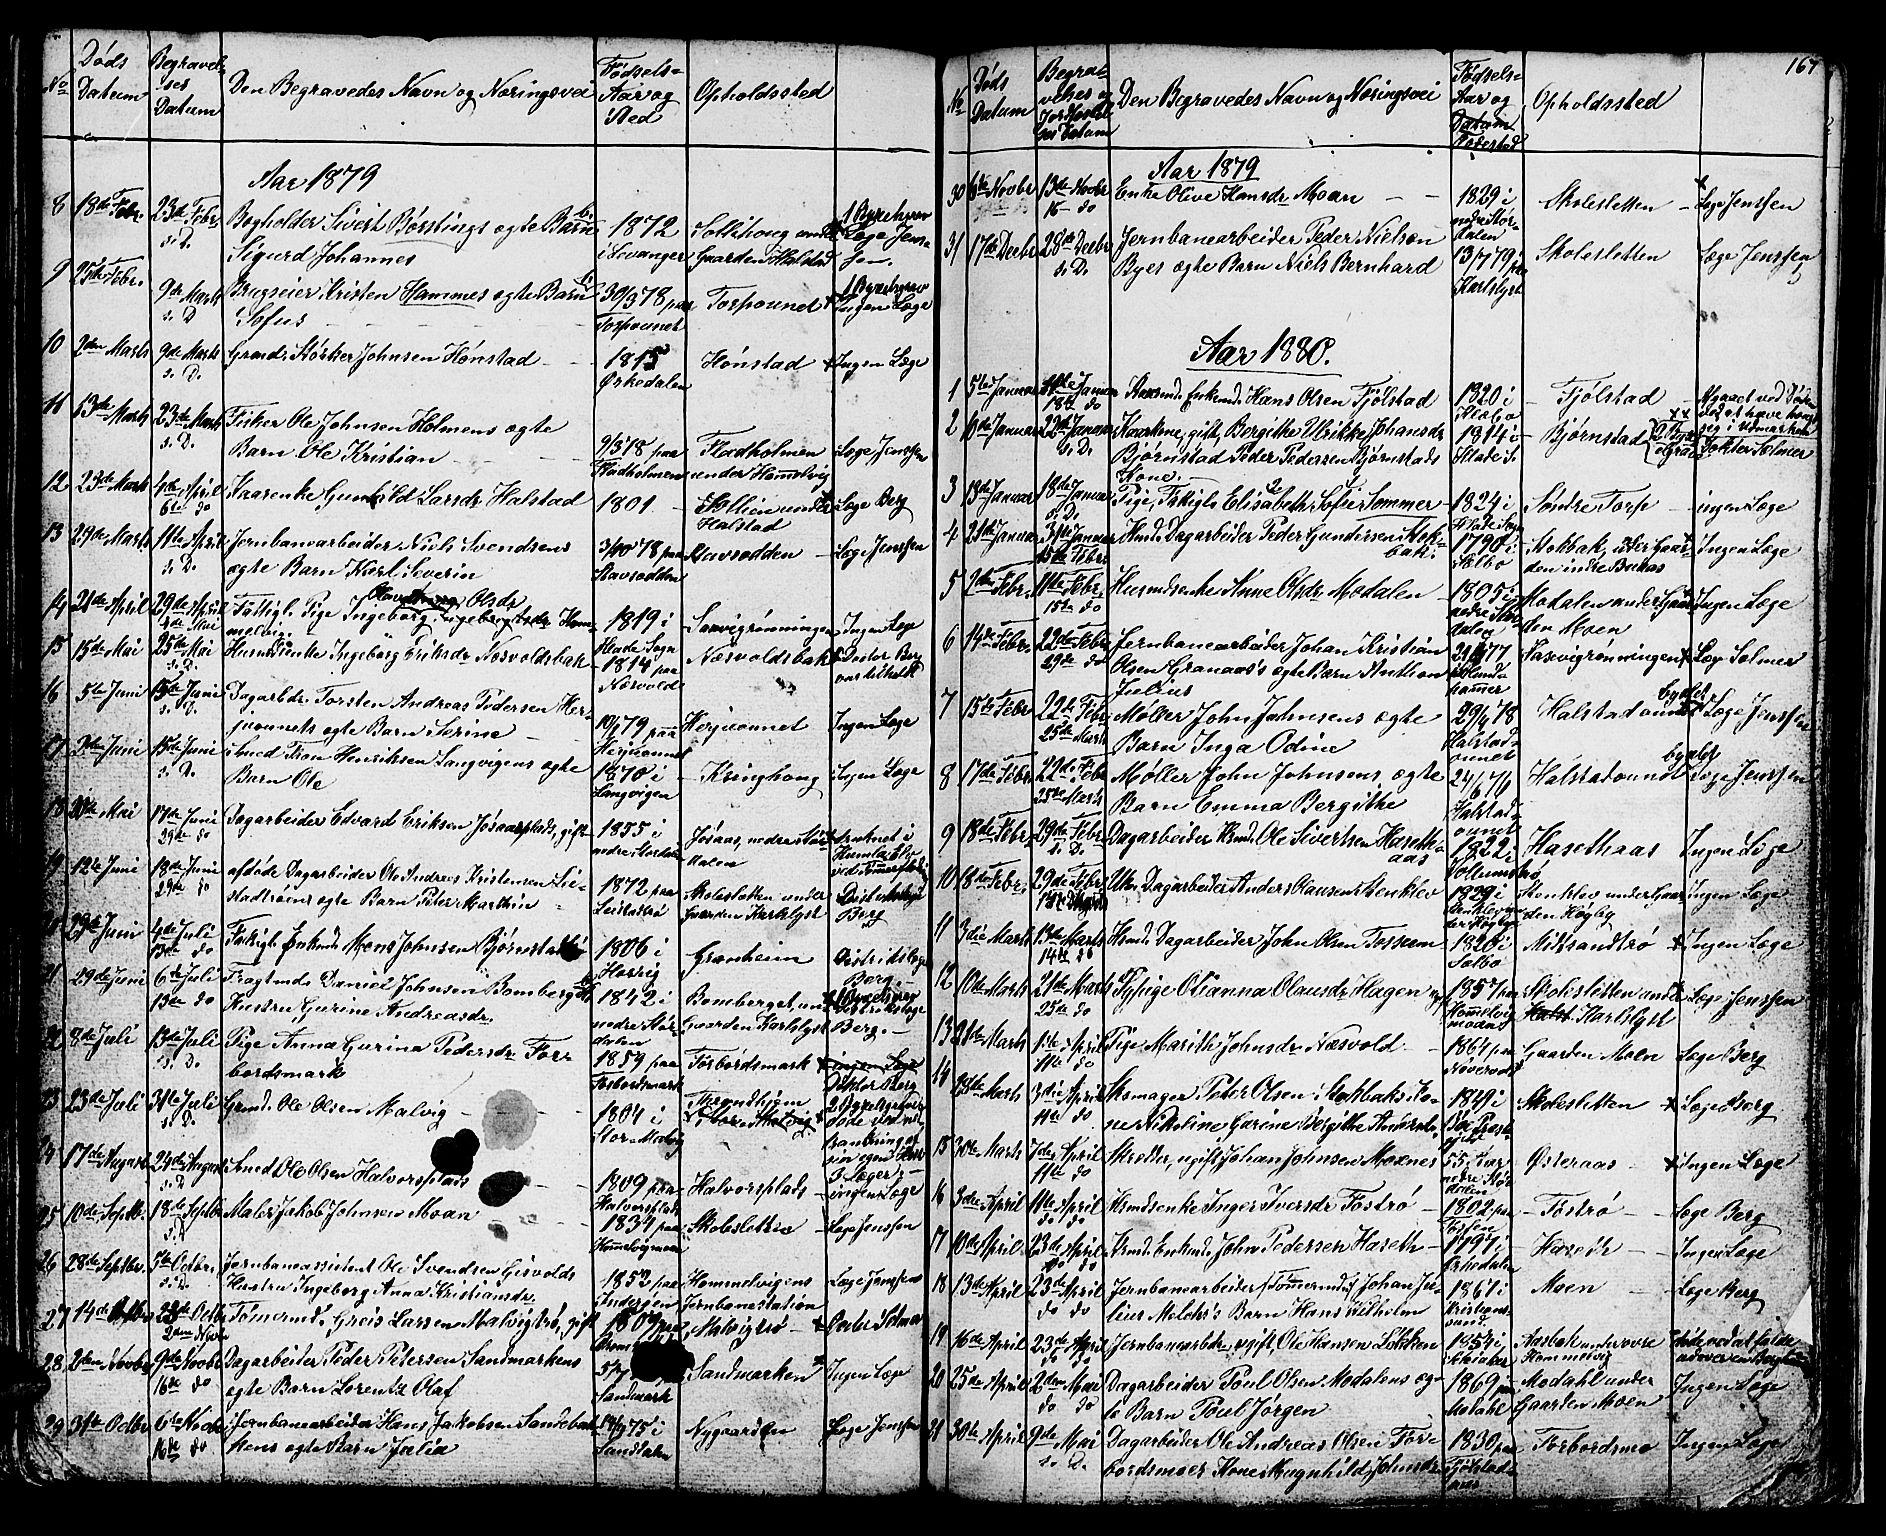 SAT, Ministerialprotokoller, klokkerbøker og fødselsregistre - Sør-Trøndelag, 616/L0422: Klokkerbok nr. 616C05, 1850-1888, s. 167